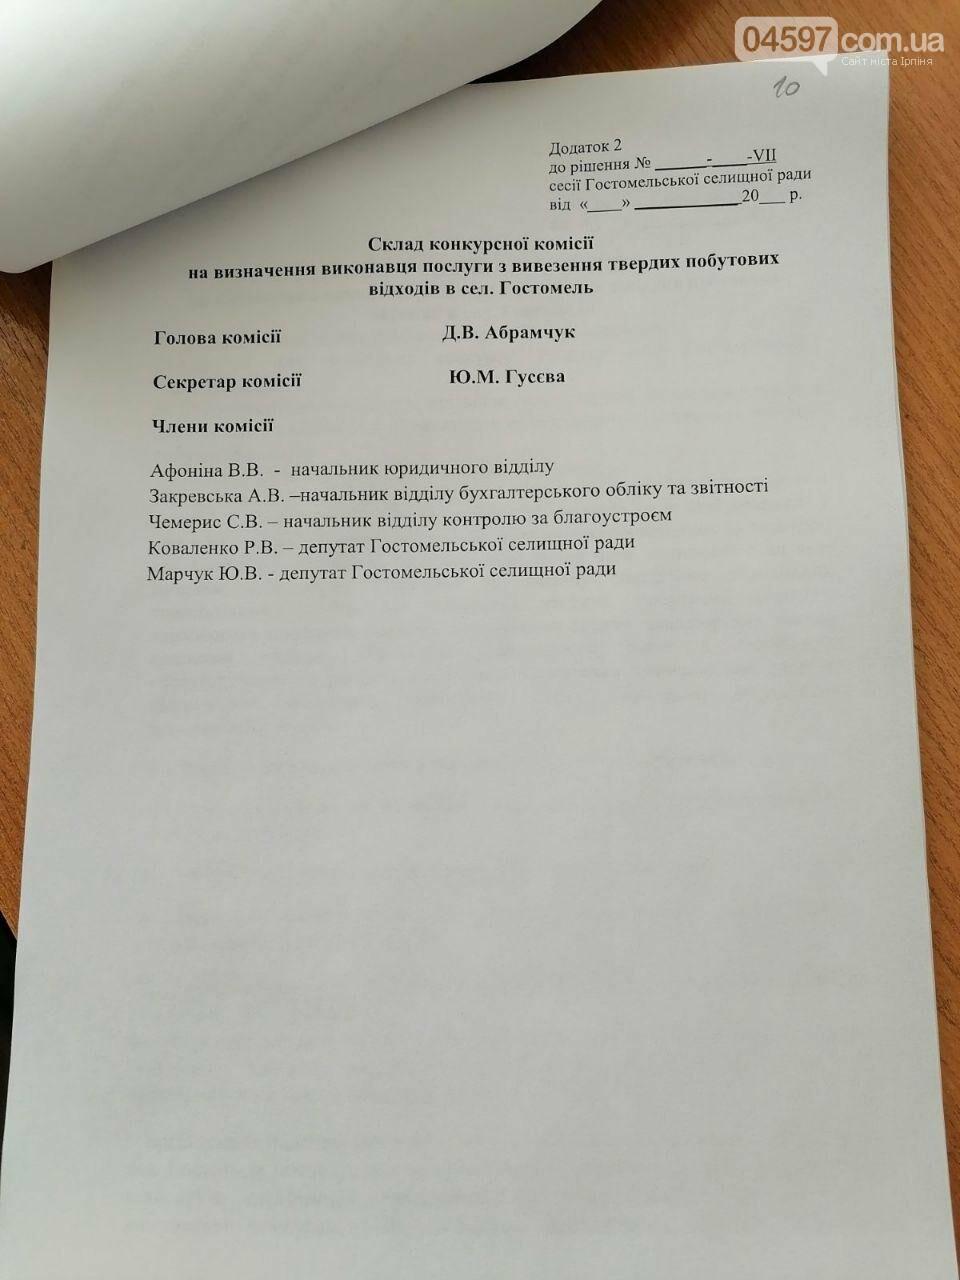 Депутат відмовився коментувати сміттєзвалище в Гостомелі, фото-1